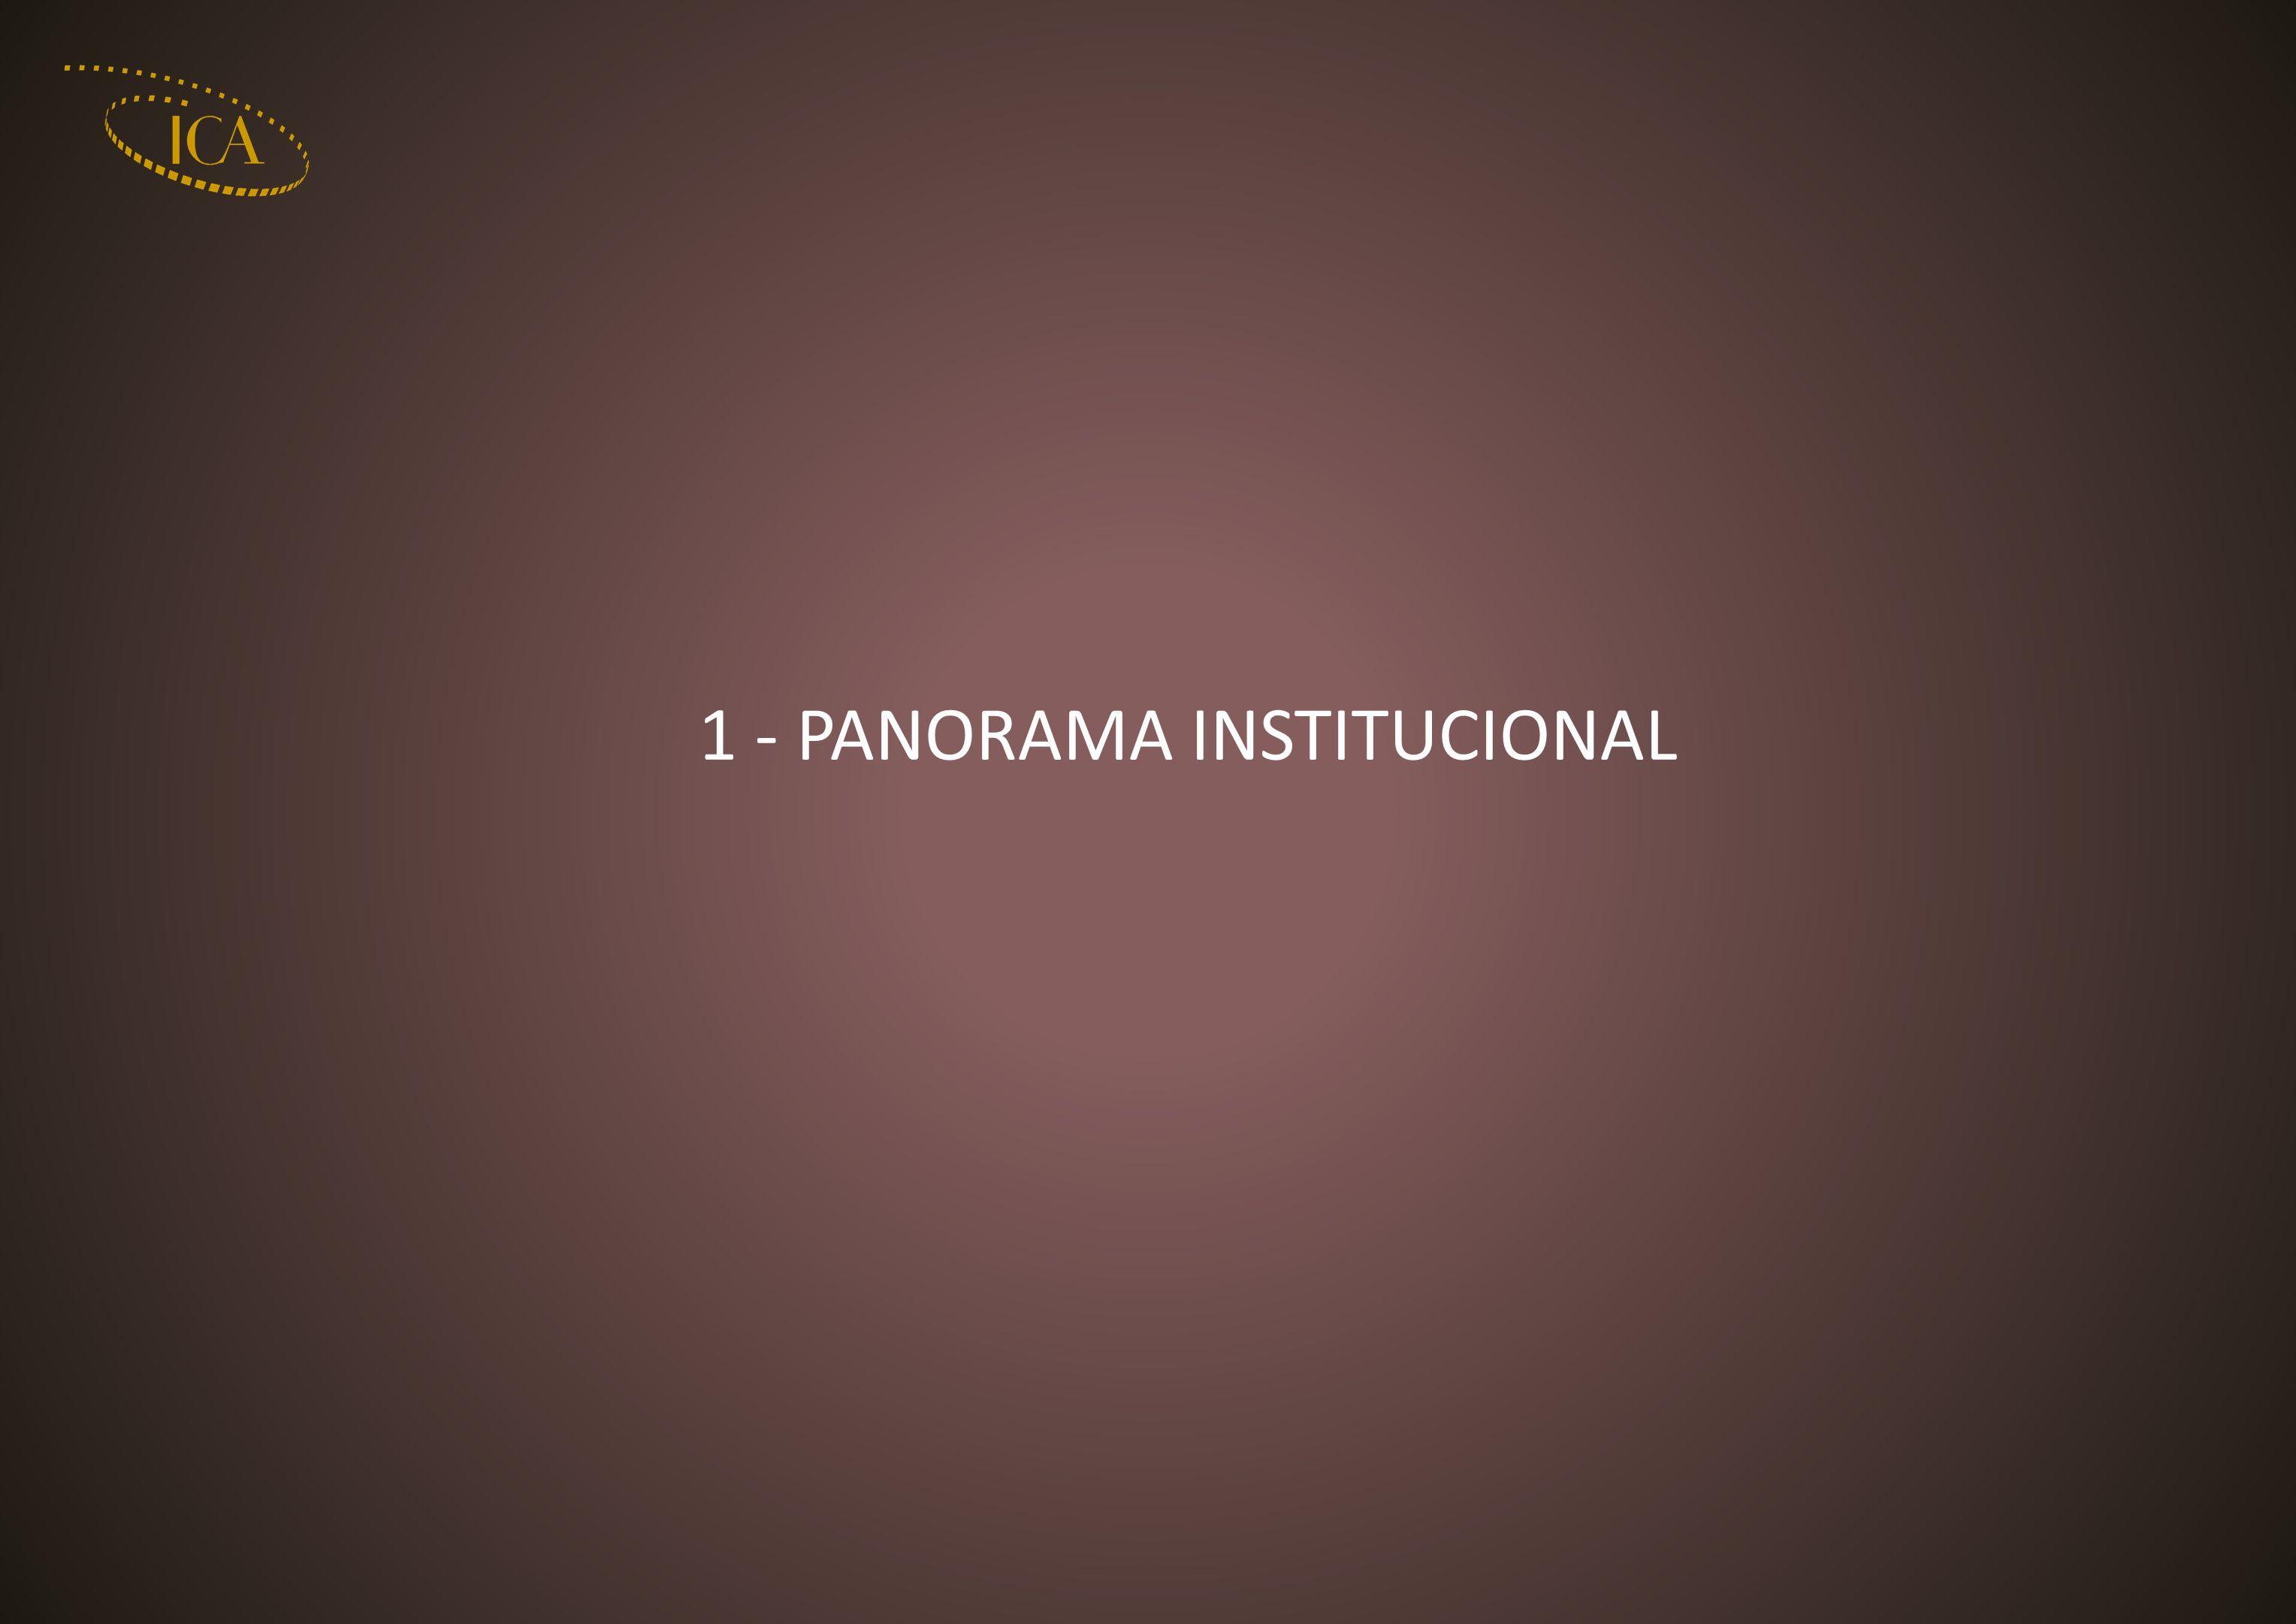 1 - PANORAMA INSTITUCIONAL